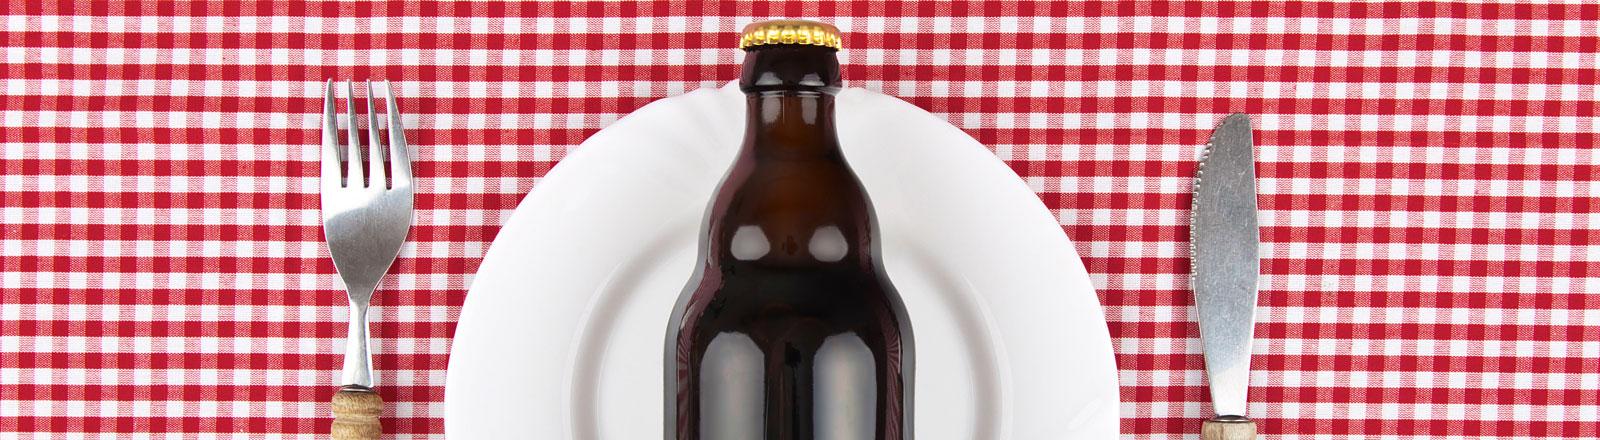 Bierflasche auf Teller